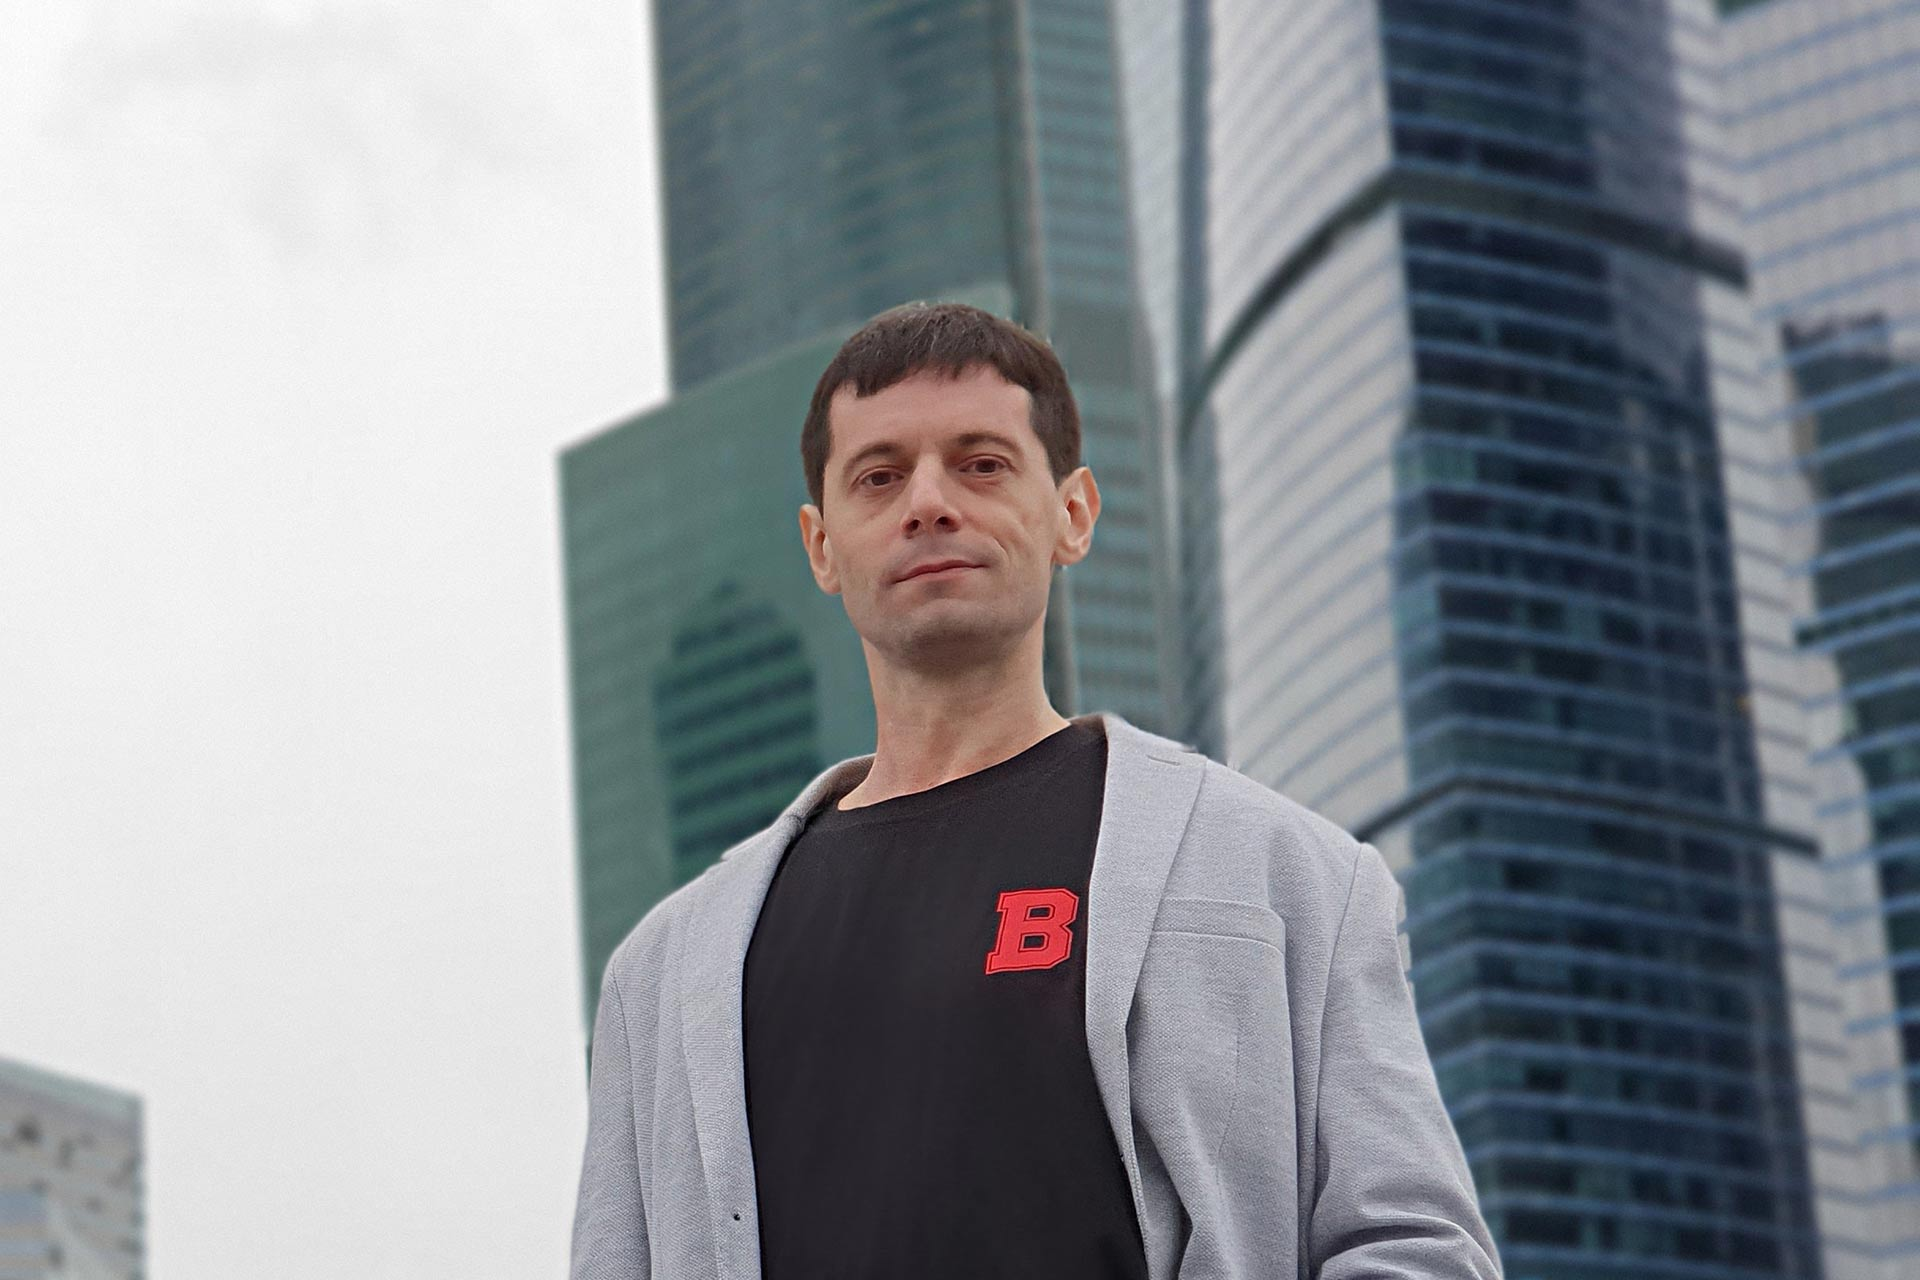 Дмитрий Дюковский. Как открыть онлайн-школу с нуля бесплатно